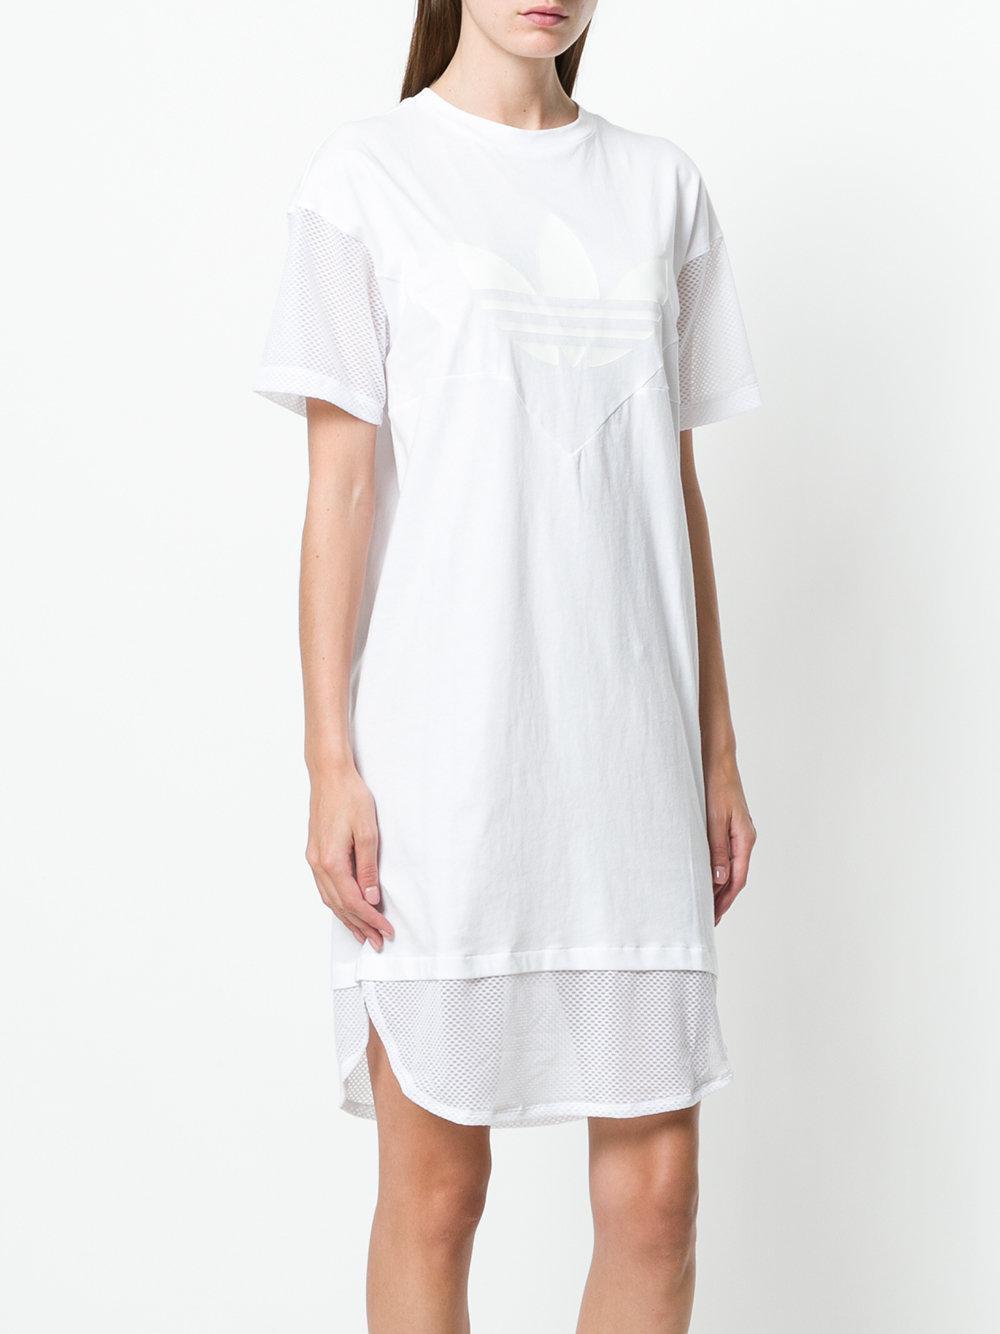 70908b33a74 Lyst - adidas Clrdo Dress in White